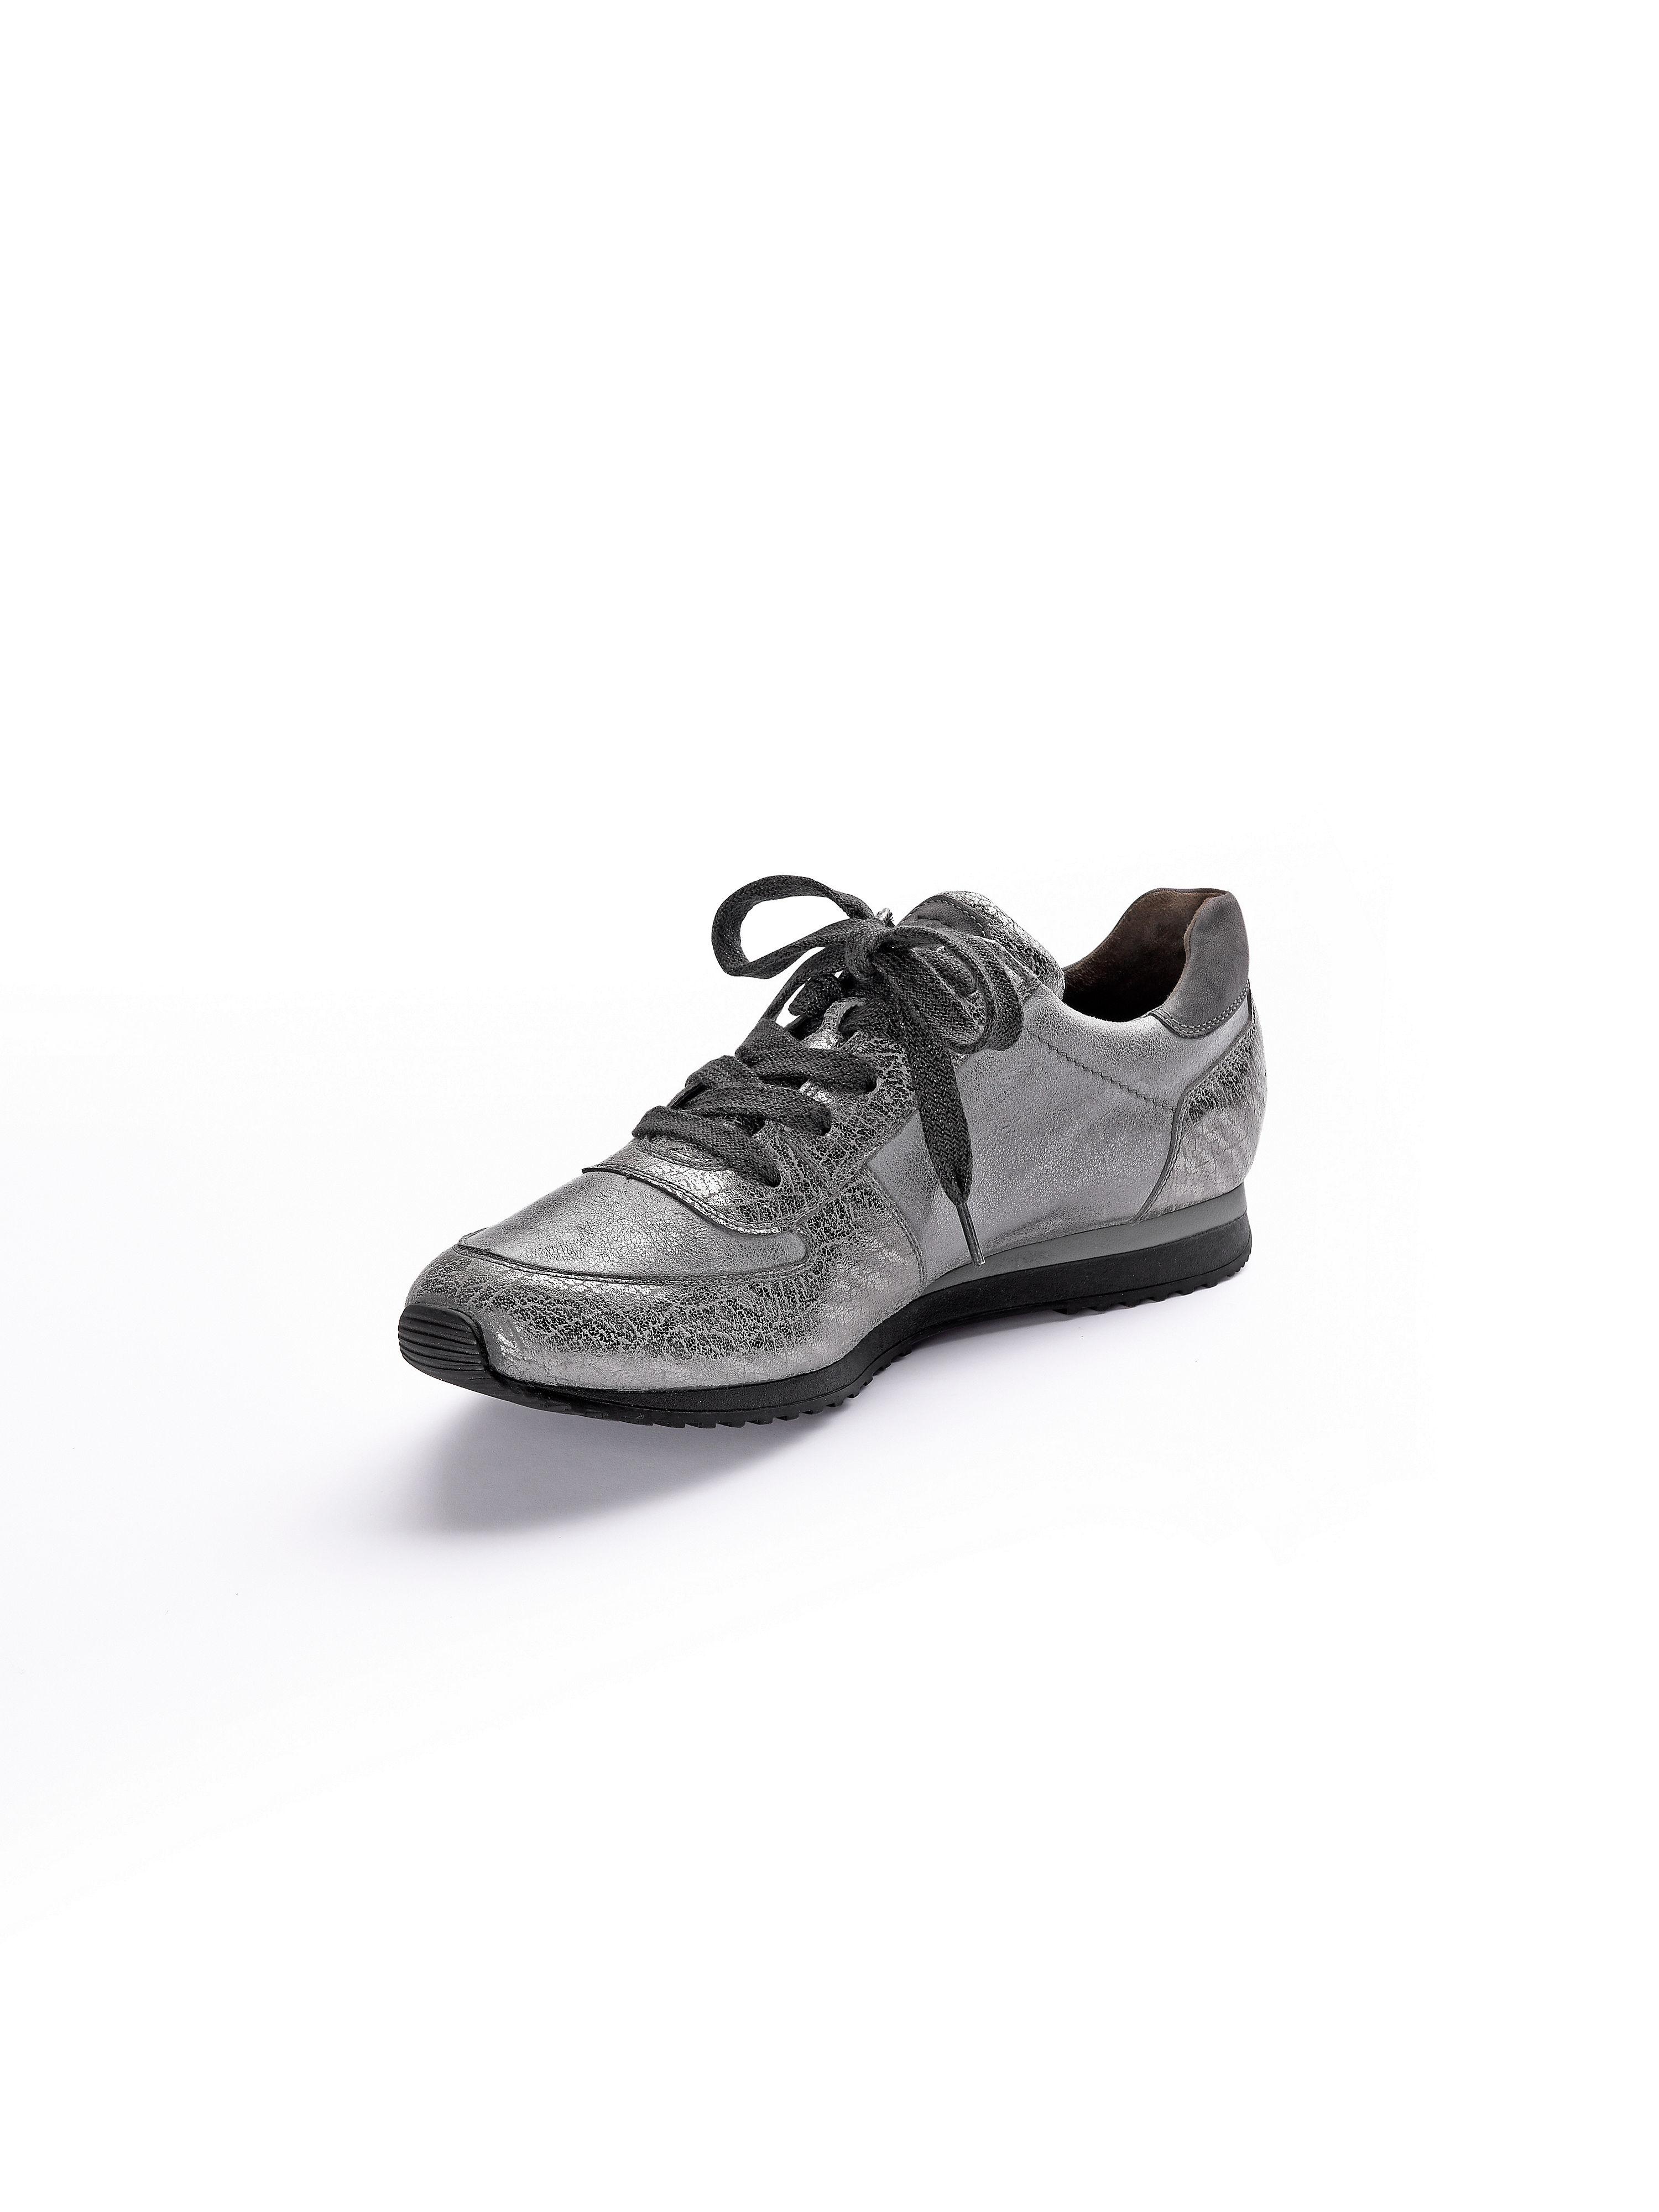 Sneaker aus Ziegennappaleder Paul Green grau Größe  35,5€ 135,00Anbieter   peterhahn.atVersand  € 5,95 6c252eecb9